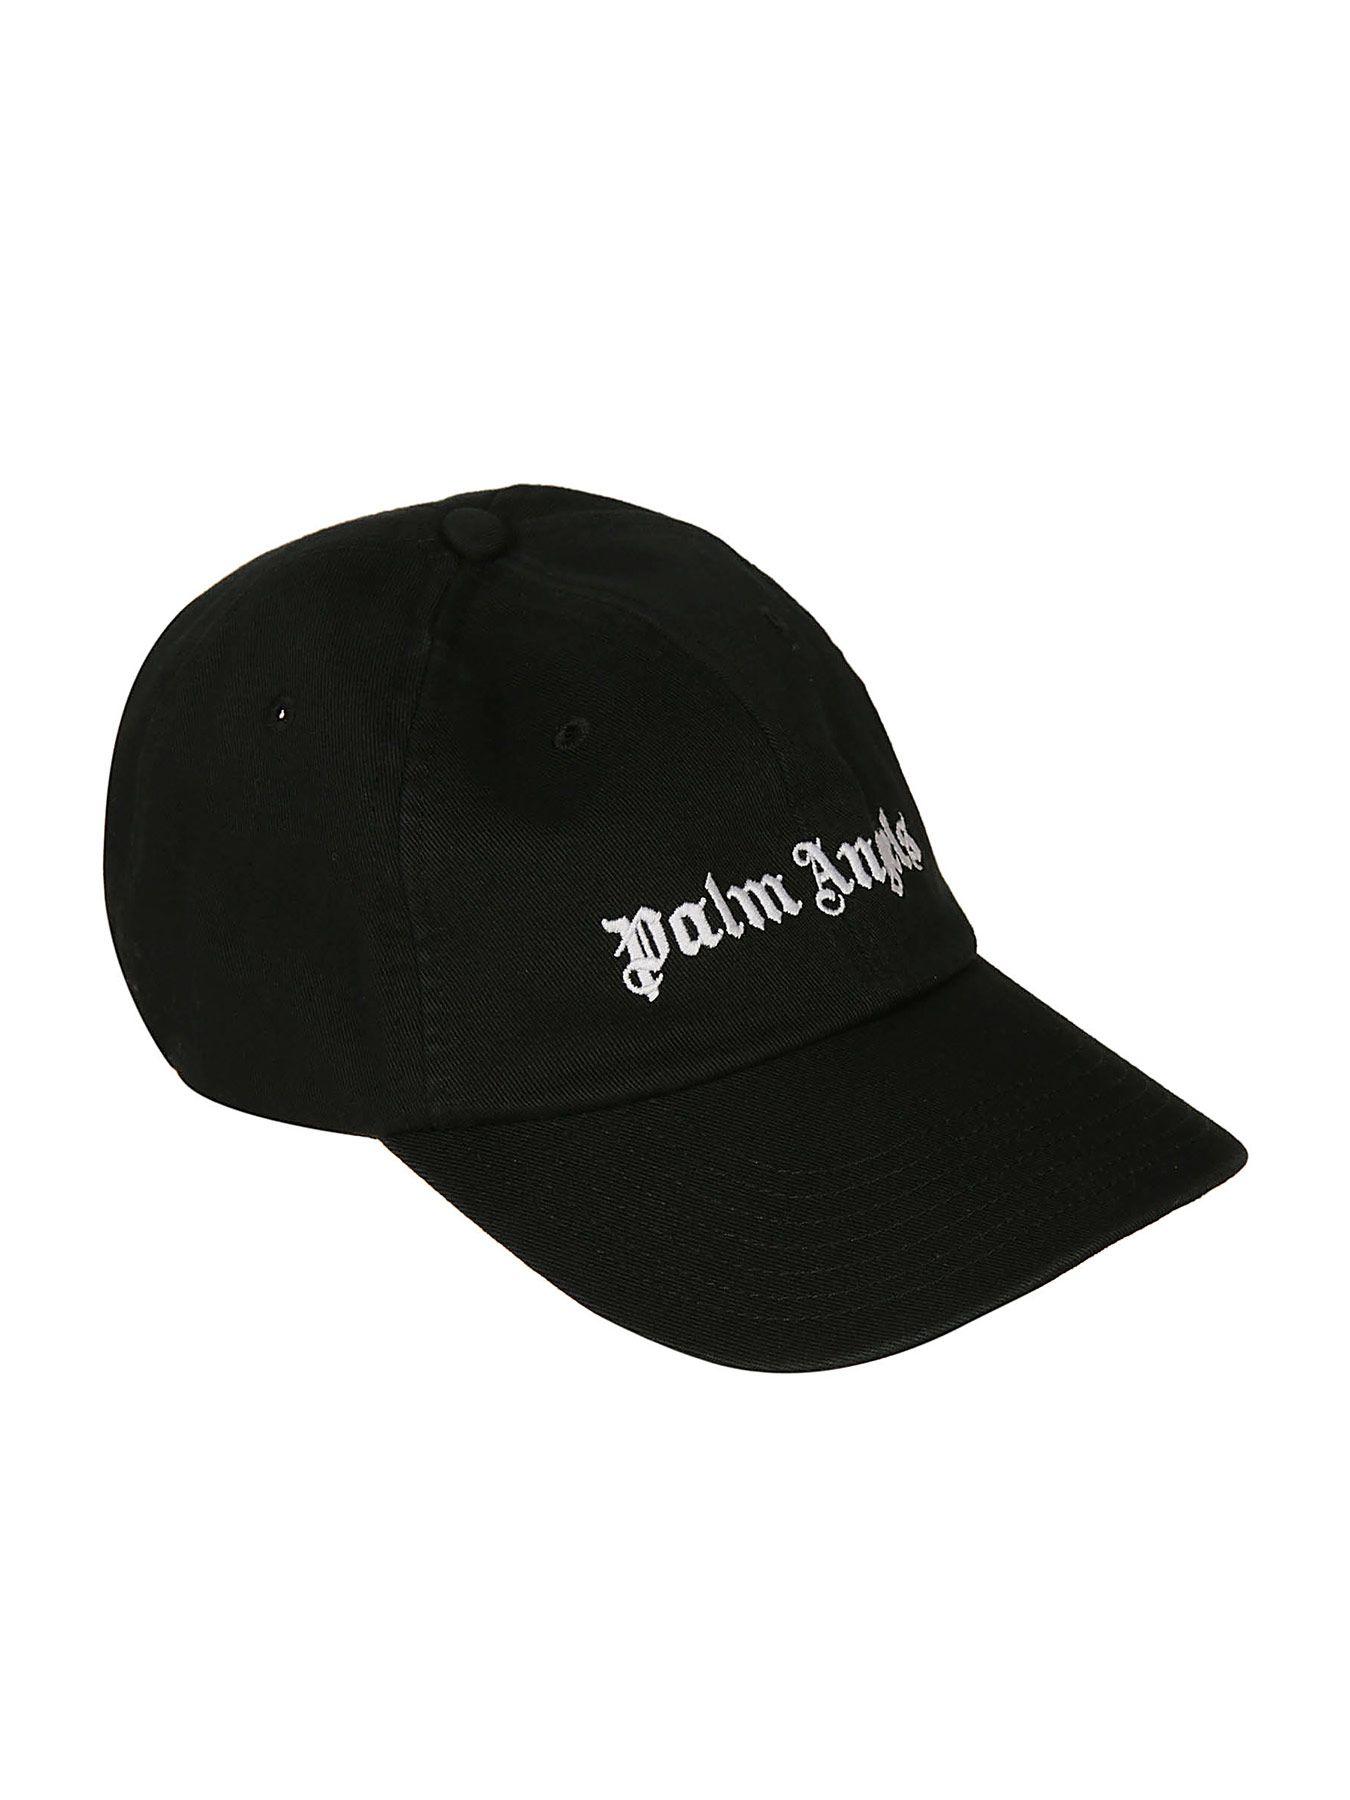 palm angels - Classic Logo Cap